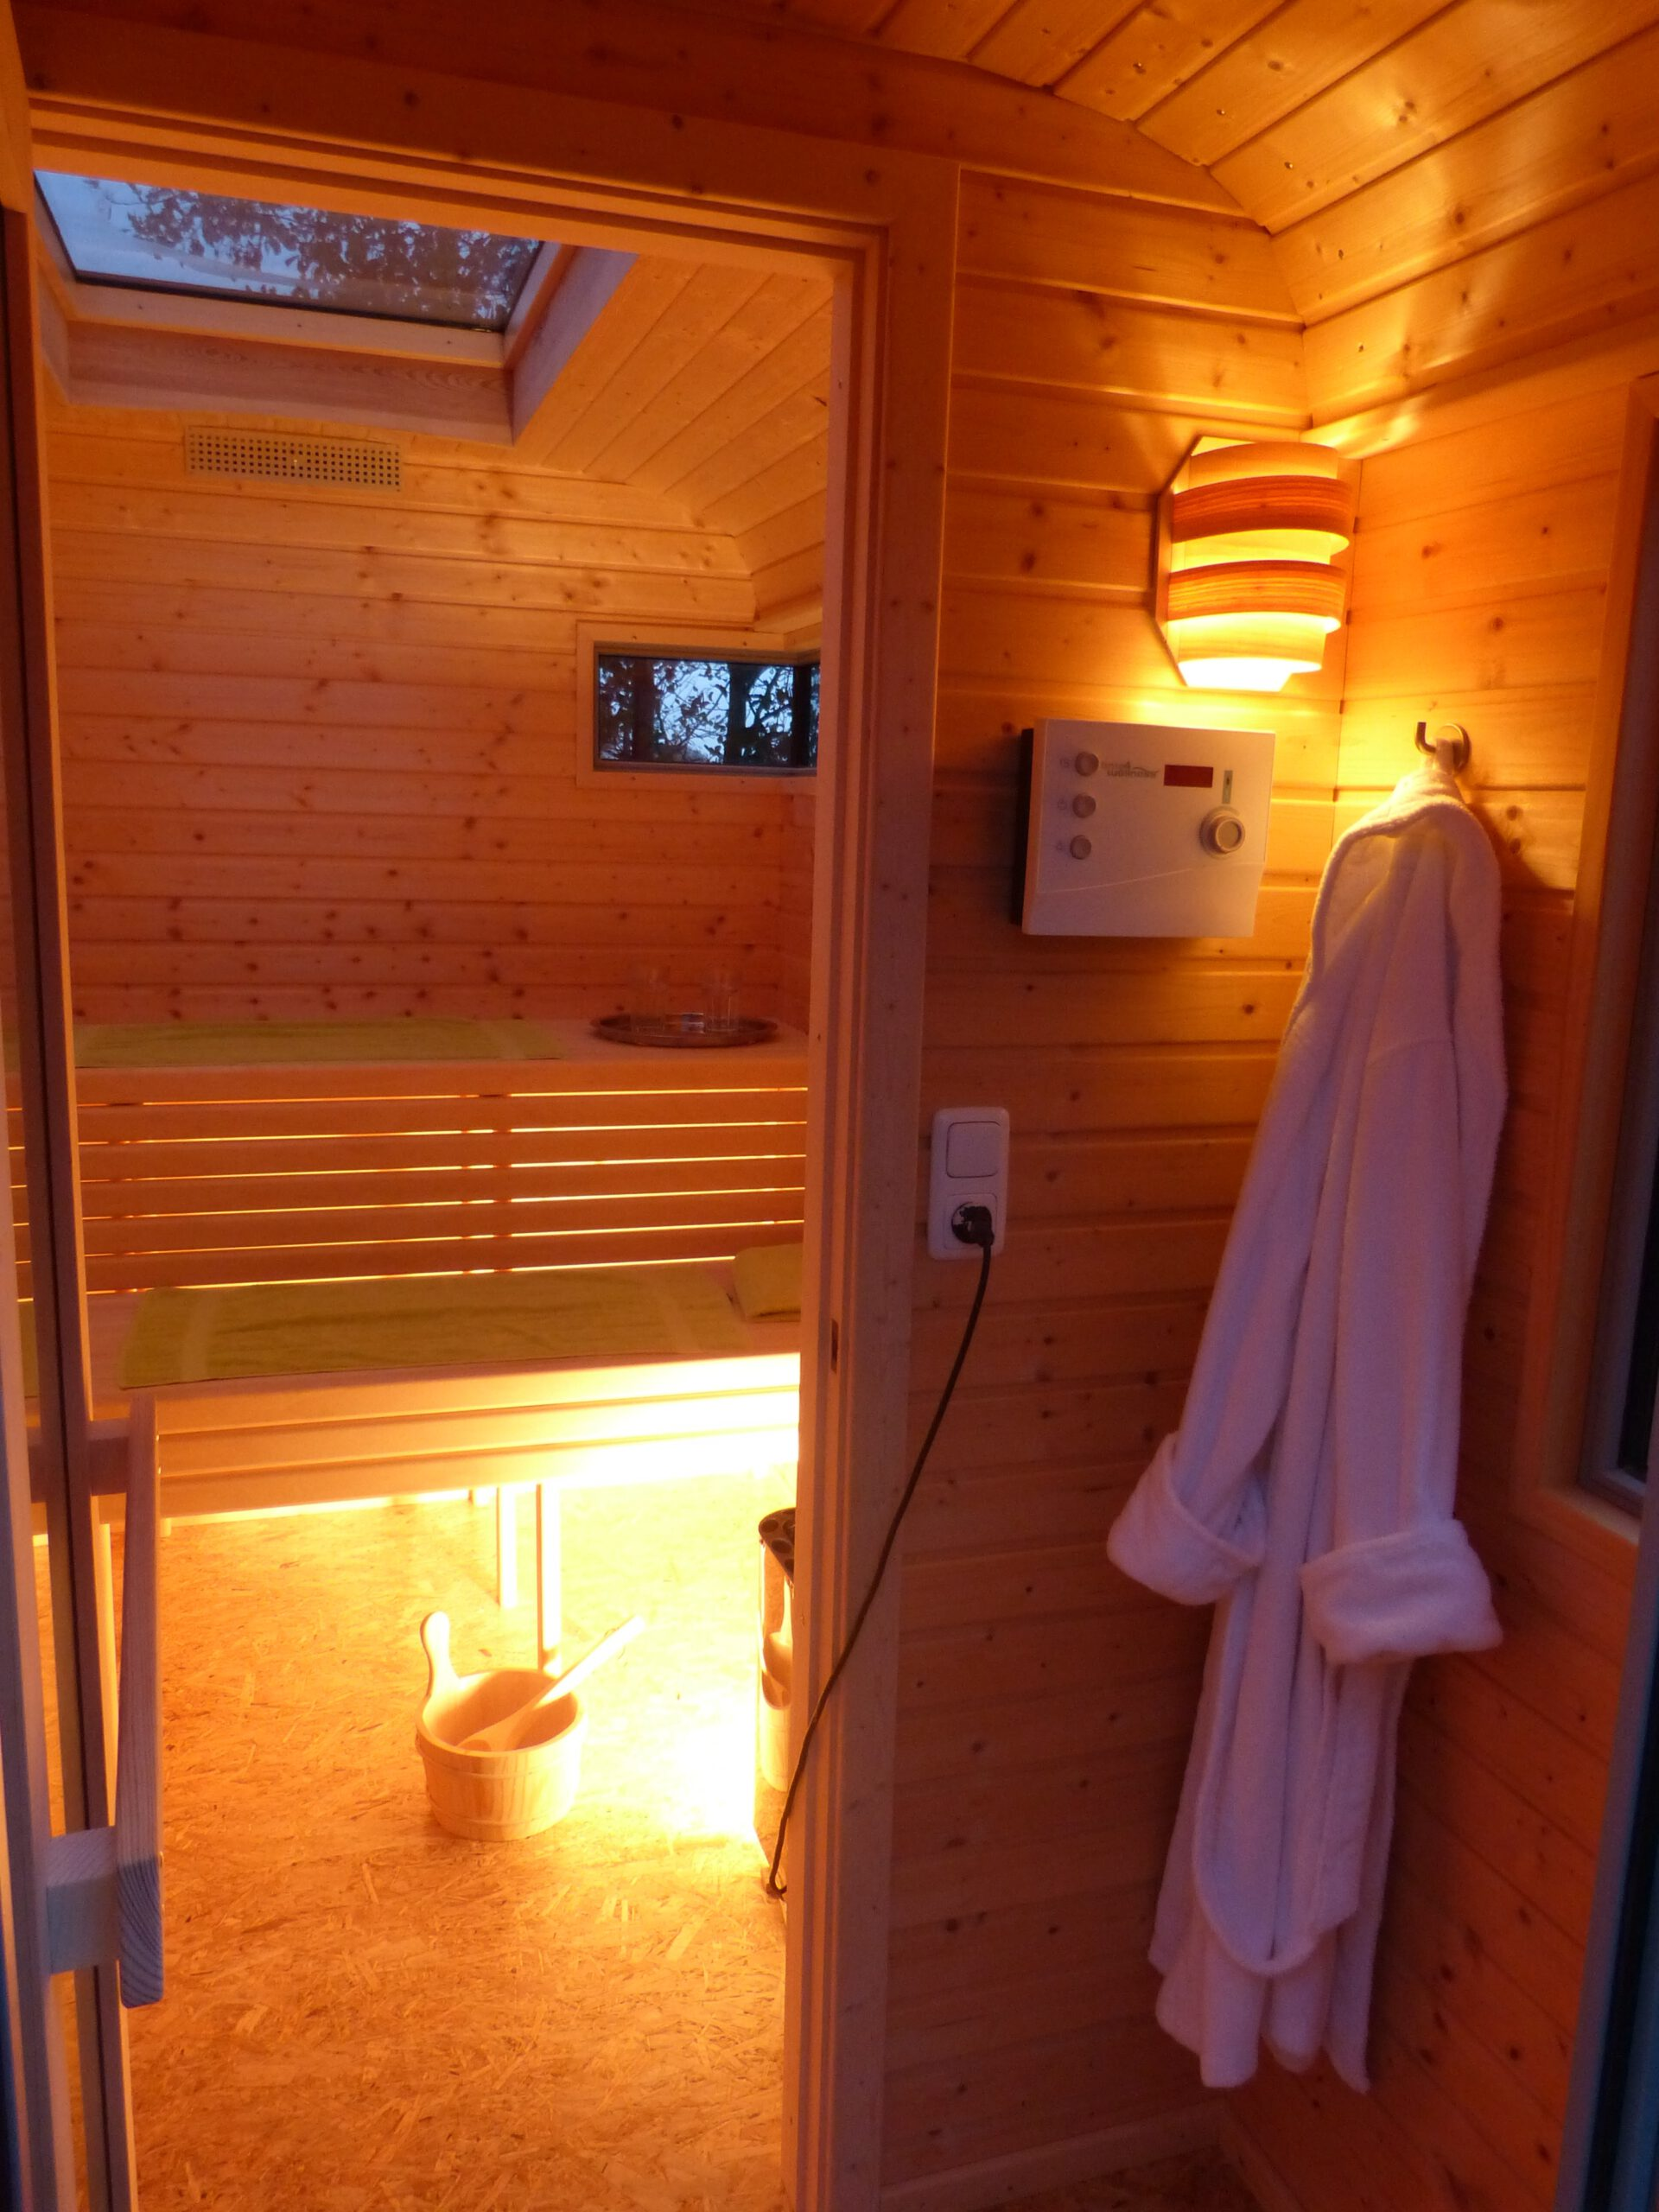 jan stölken gmbh - Saunawagen (6)